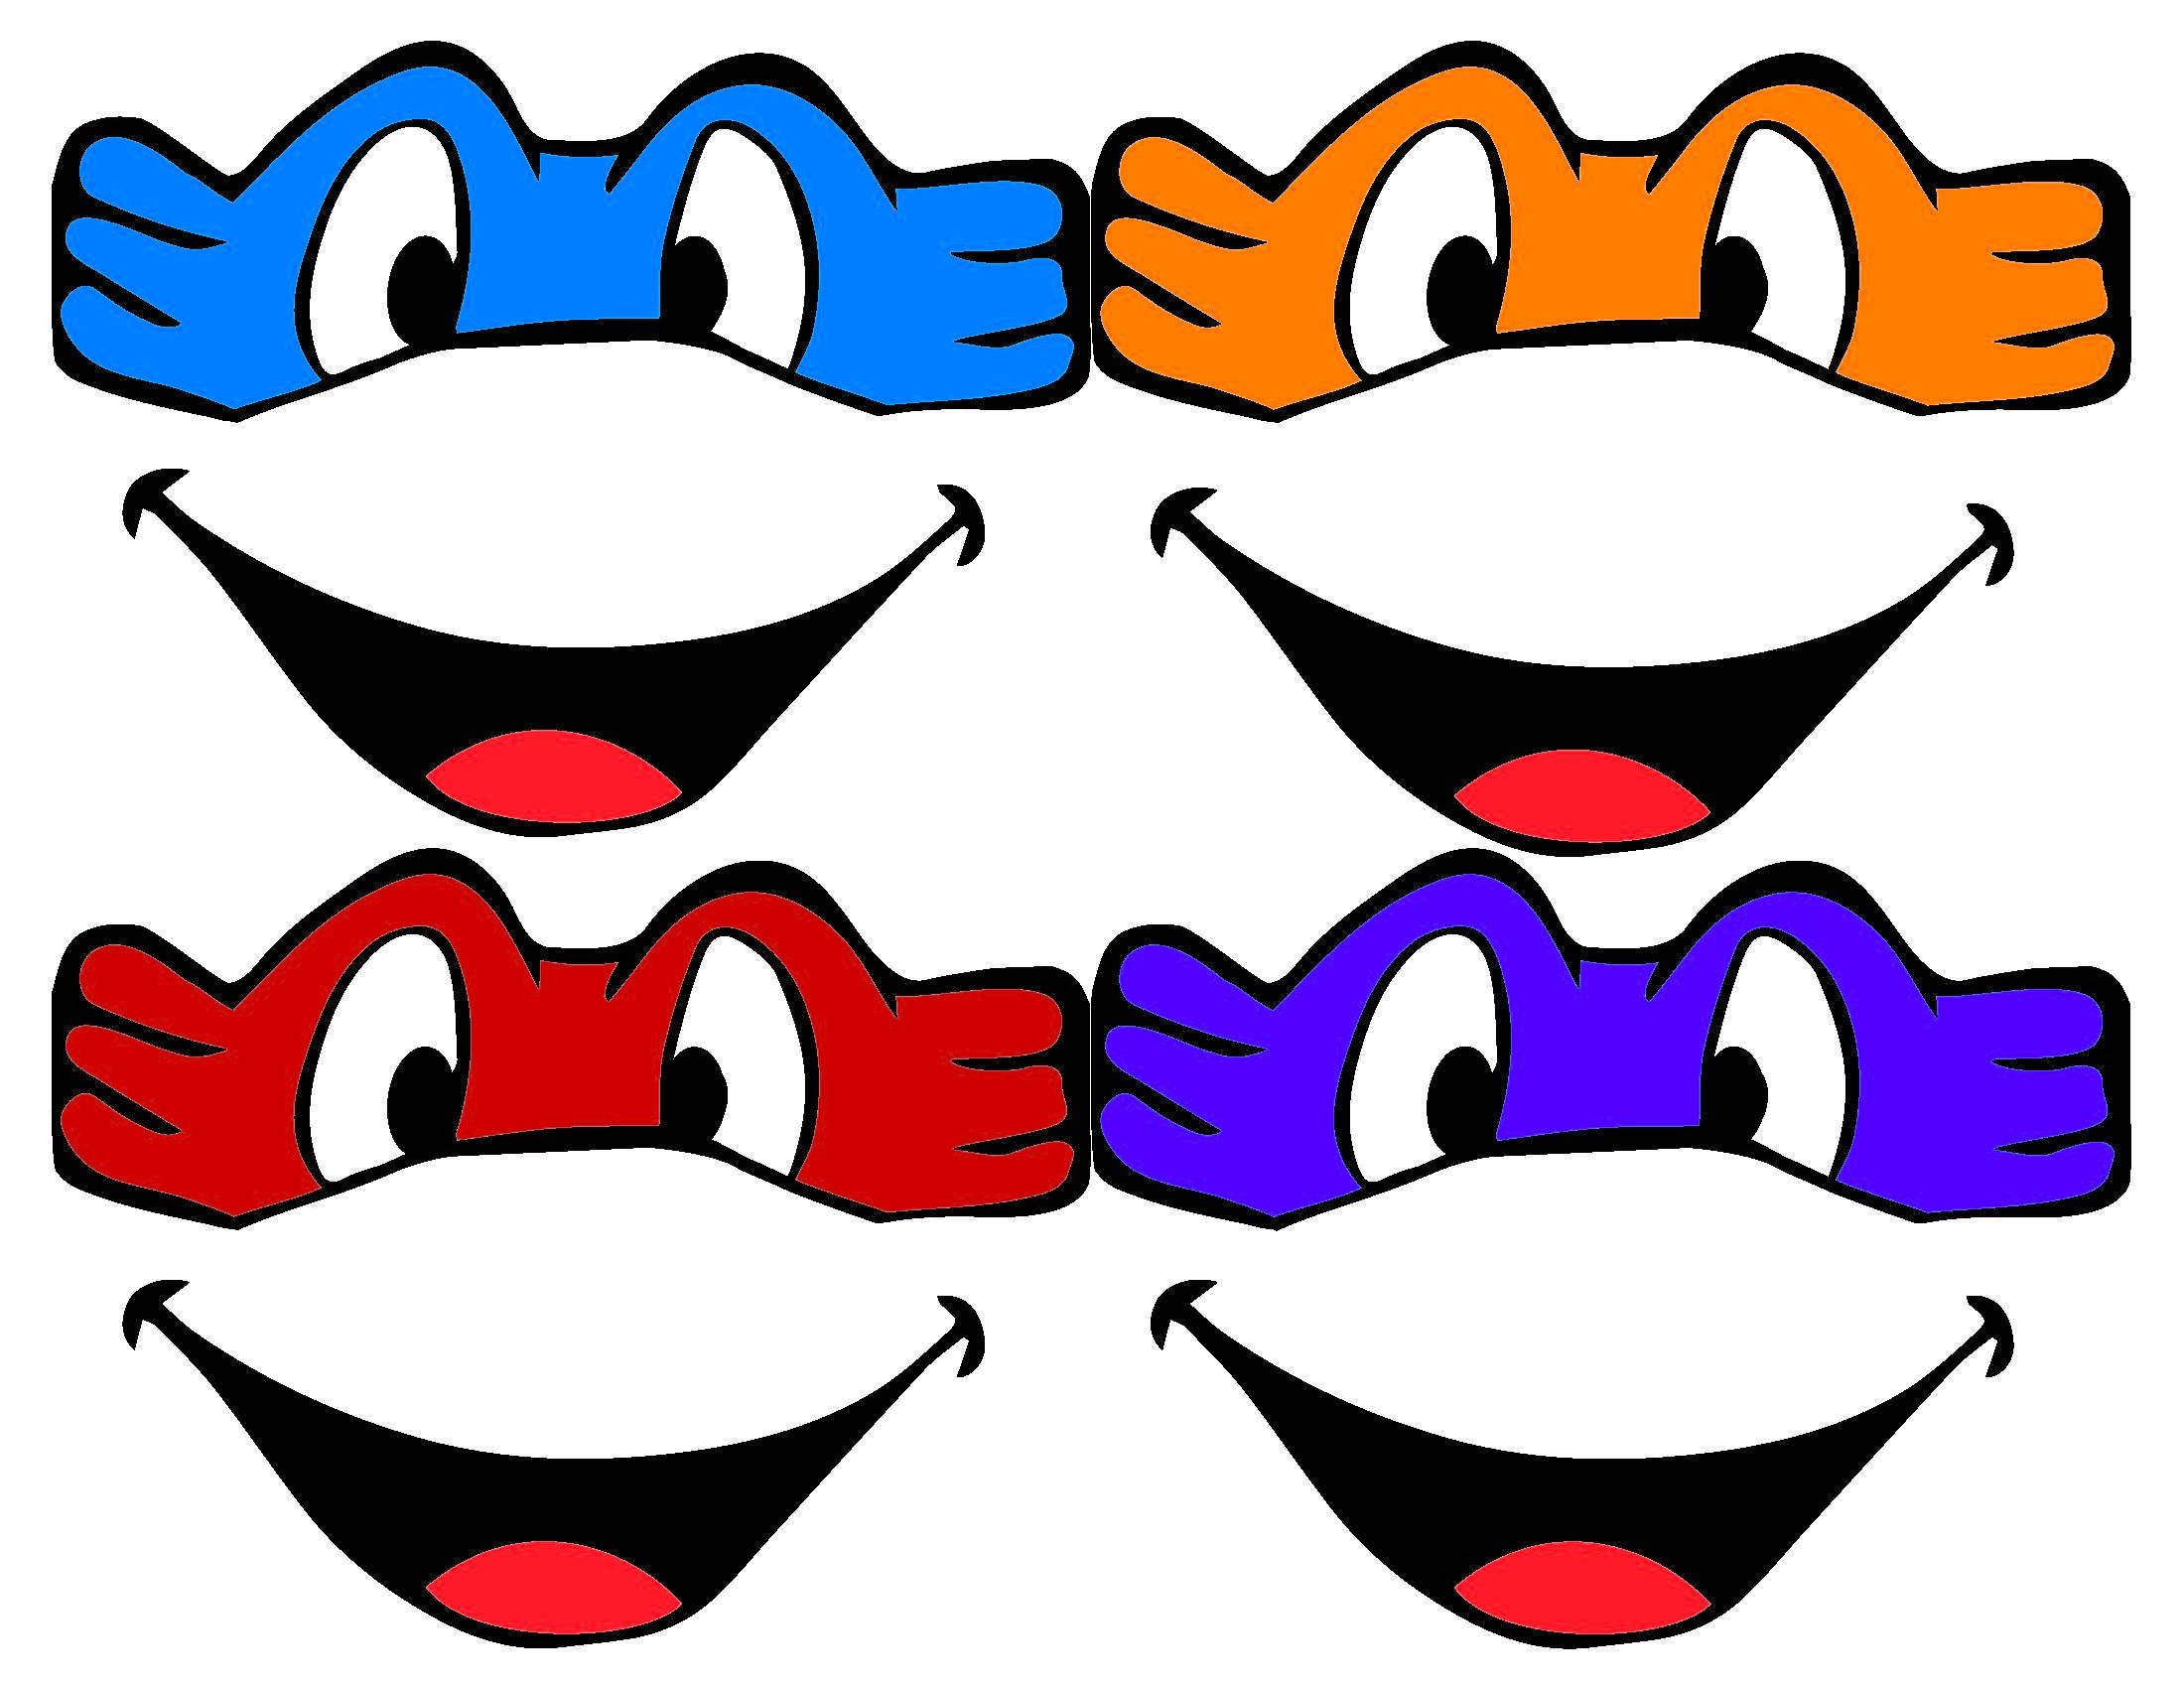 Teenage Mutant Ninja Turtles (Tmnt) Mask / Face Free Printable For - Teenage Mutant Ninja Turtles Free Printable Mask